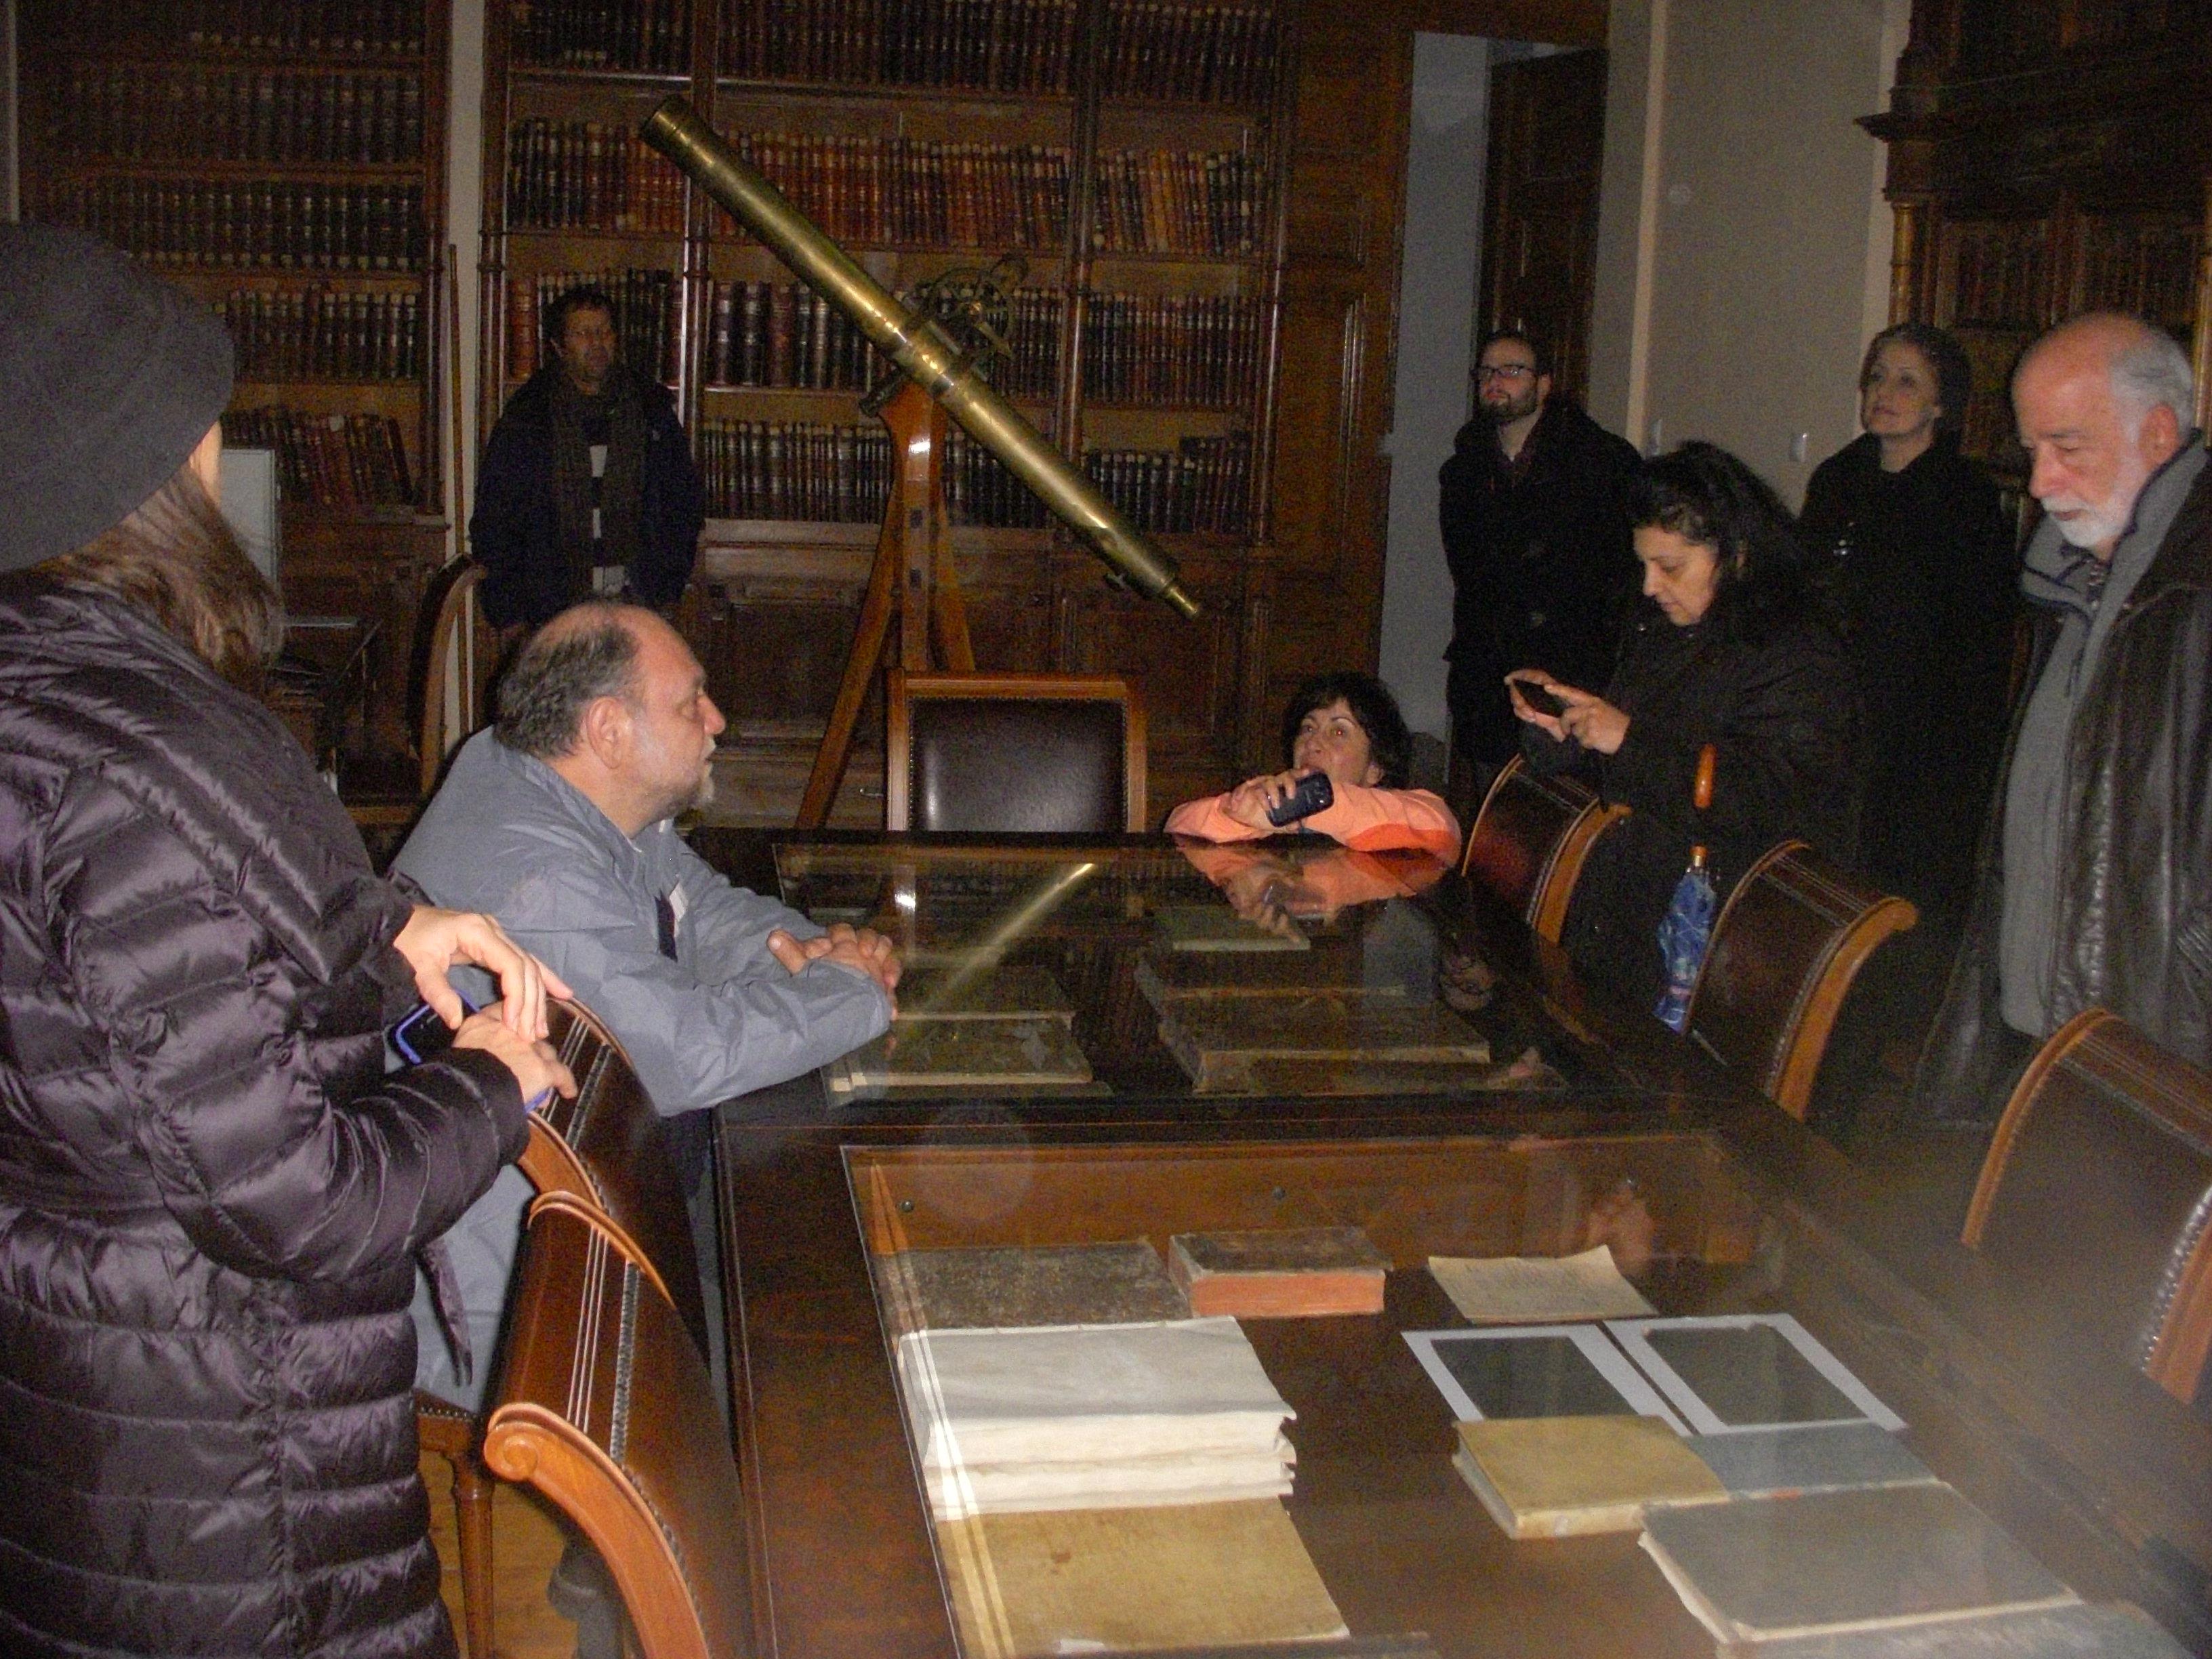 Συνεδρίαση των μελών του Δικτύου Μουσείων και Πολιτιστικών Φορέων Αθηνών στο ΕΑΑ